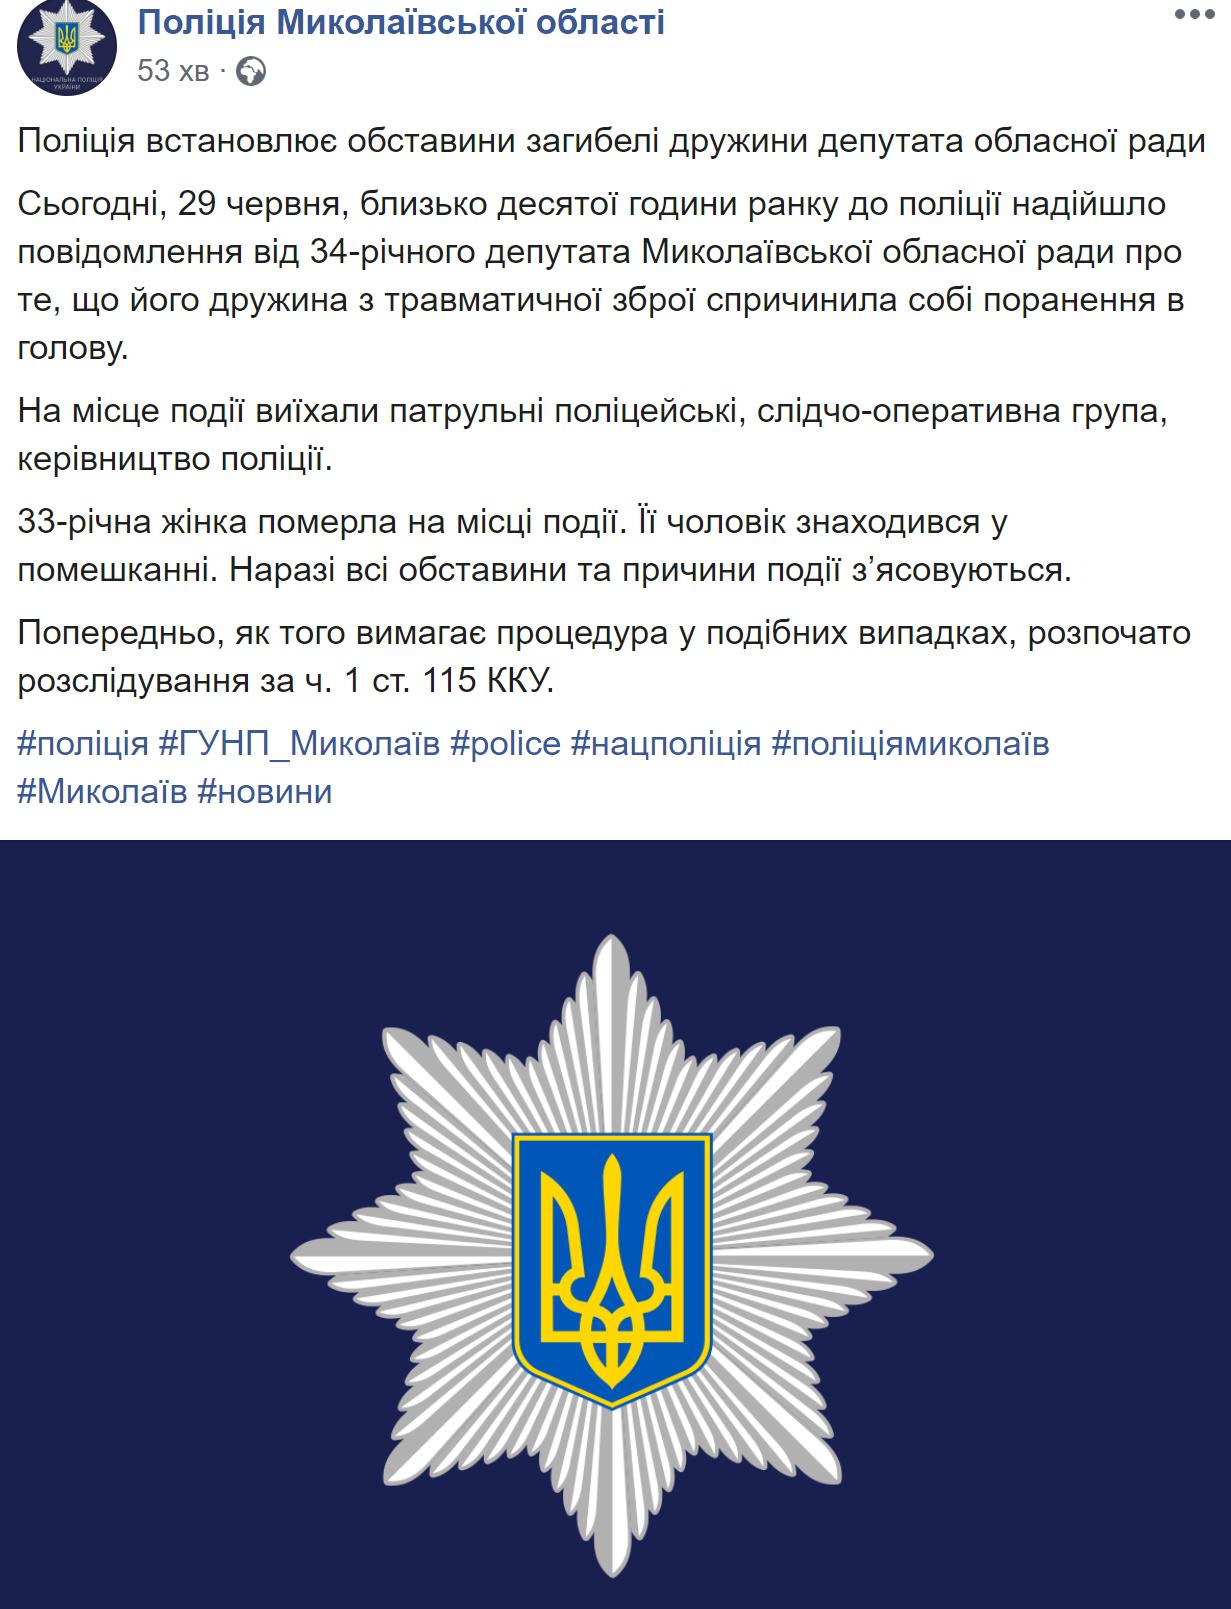 Пост полиции